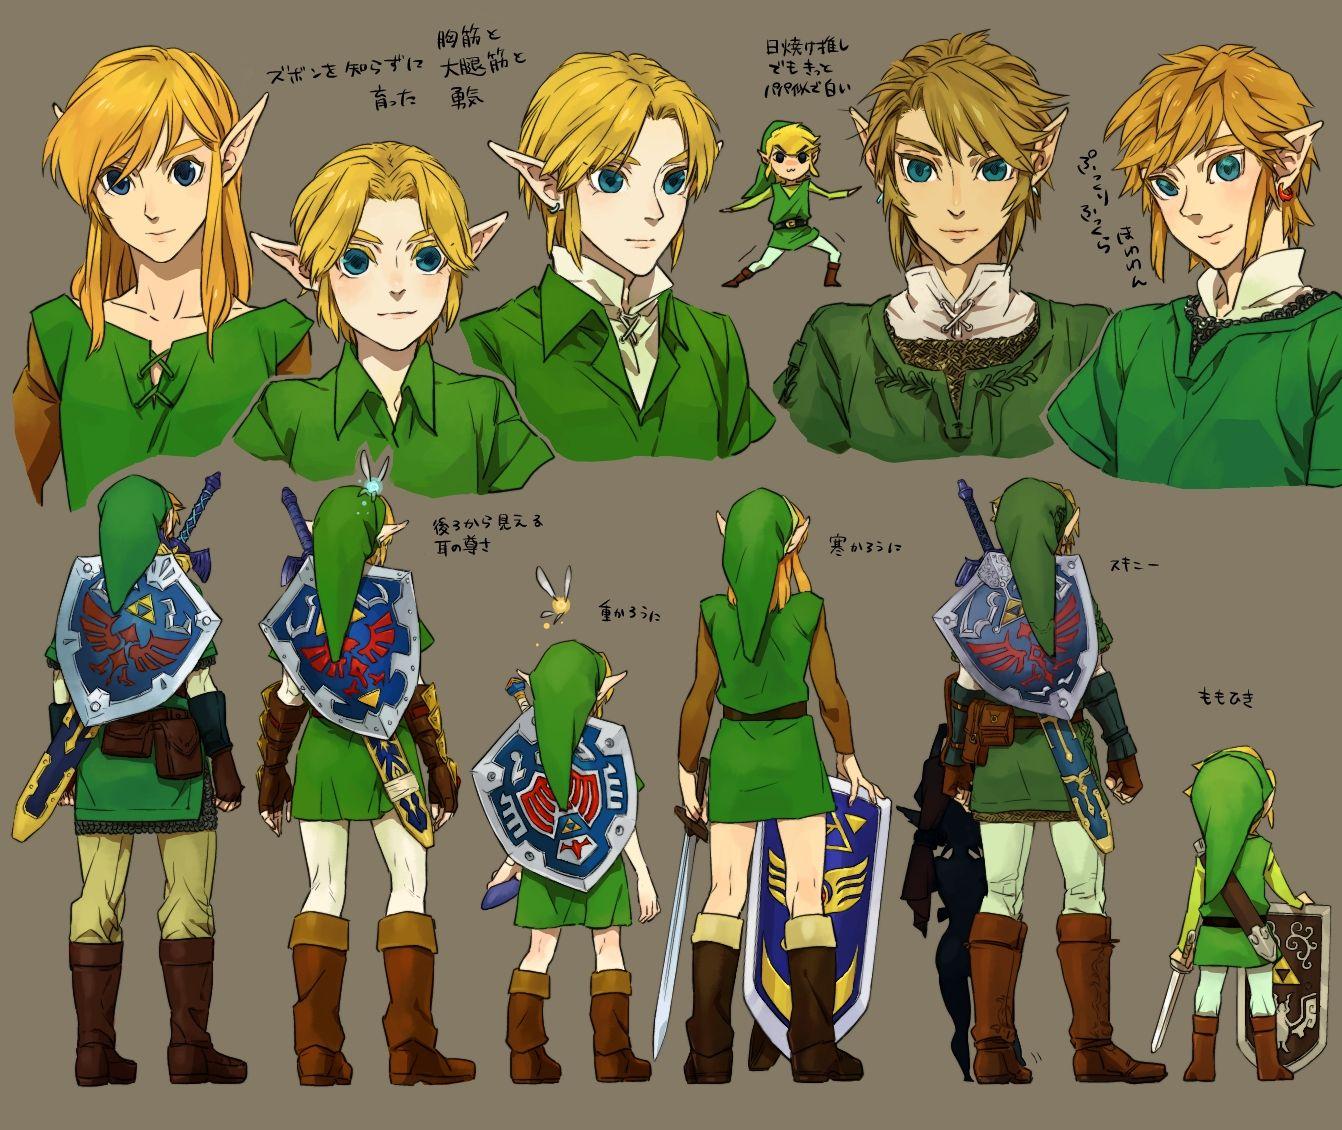 Zelda no Densetsu Kaze no Takuto Zerochan Anime Image